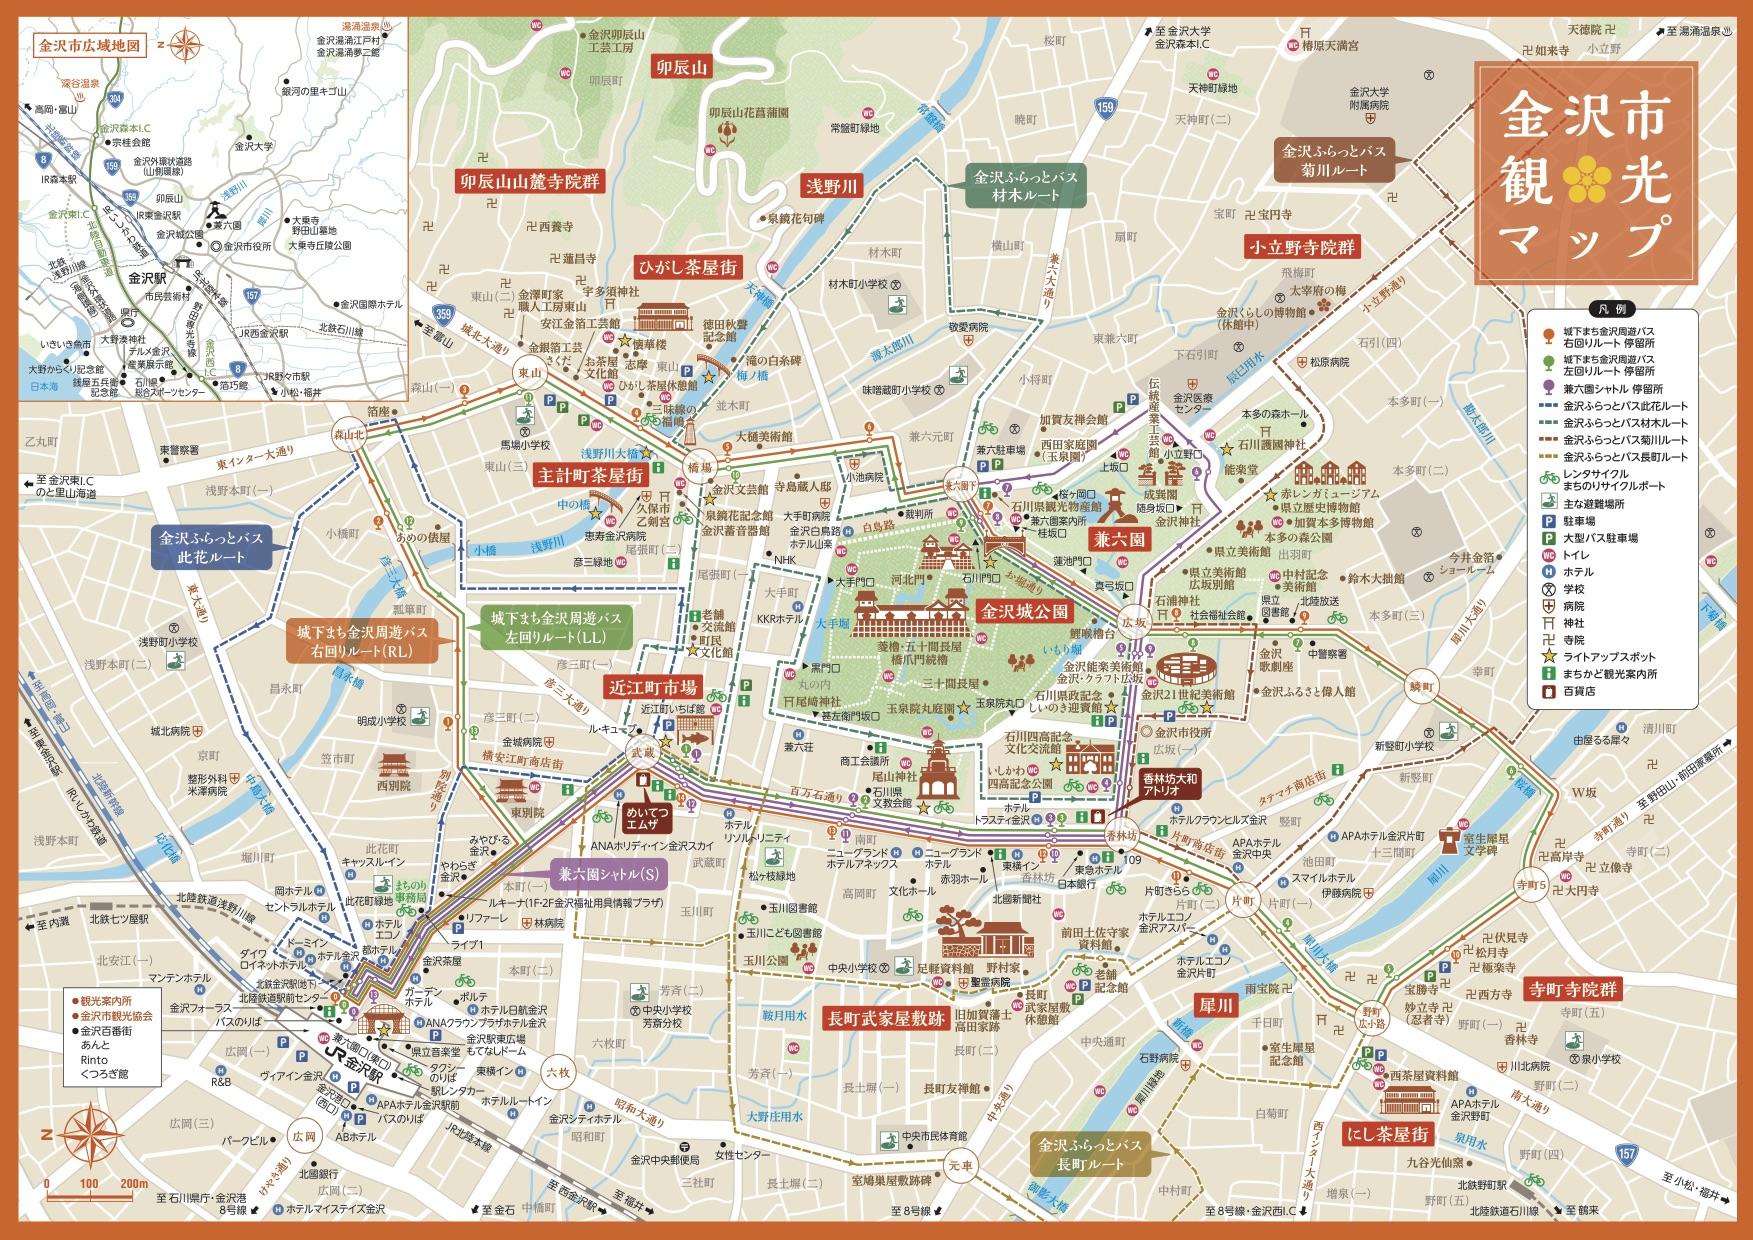 金澤交通 金澤觀光地圖